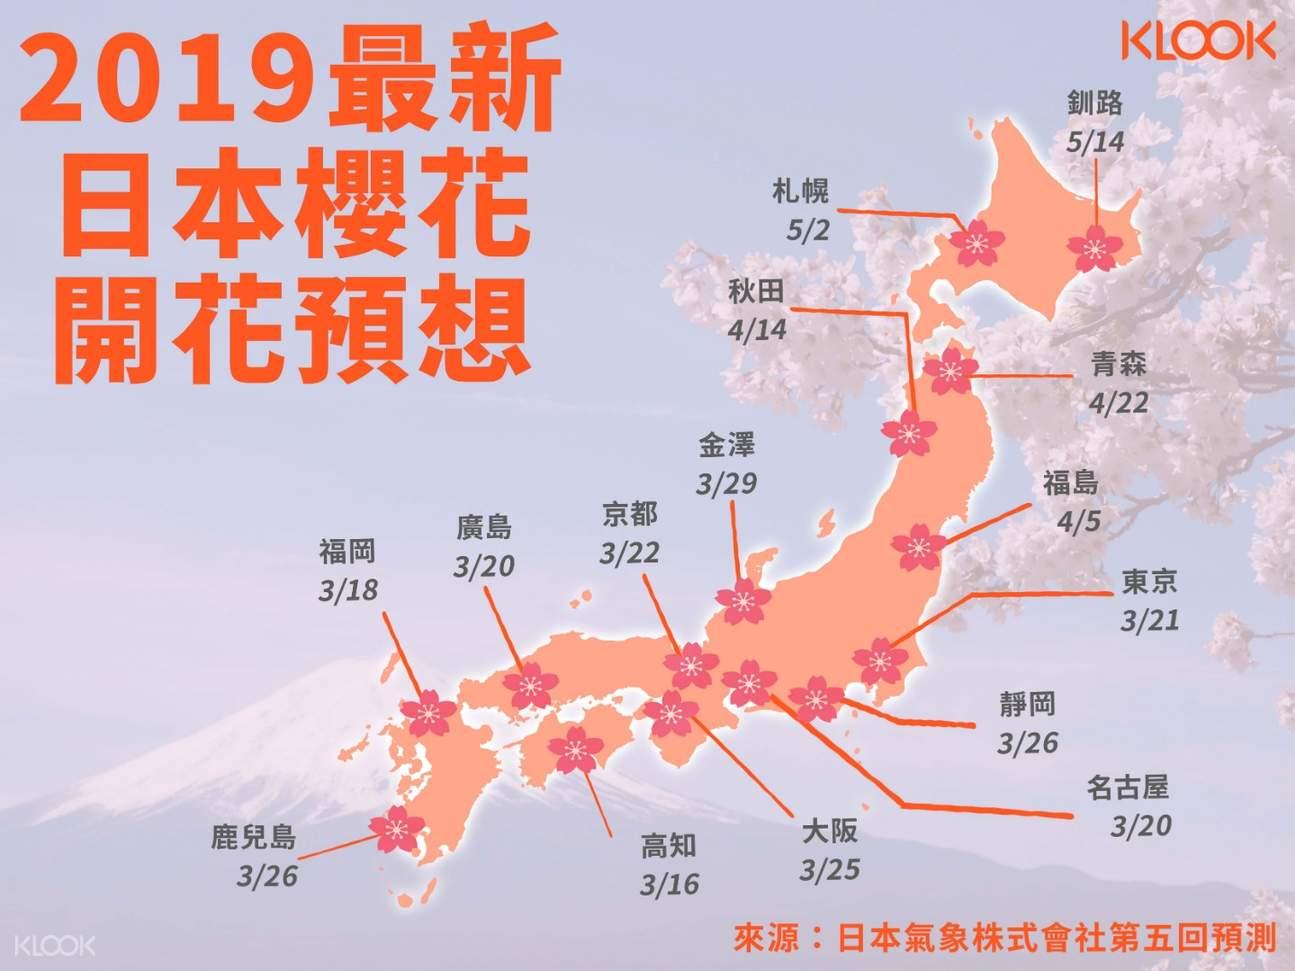 北海道地區鐵路周遊券